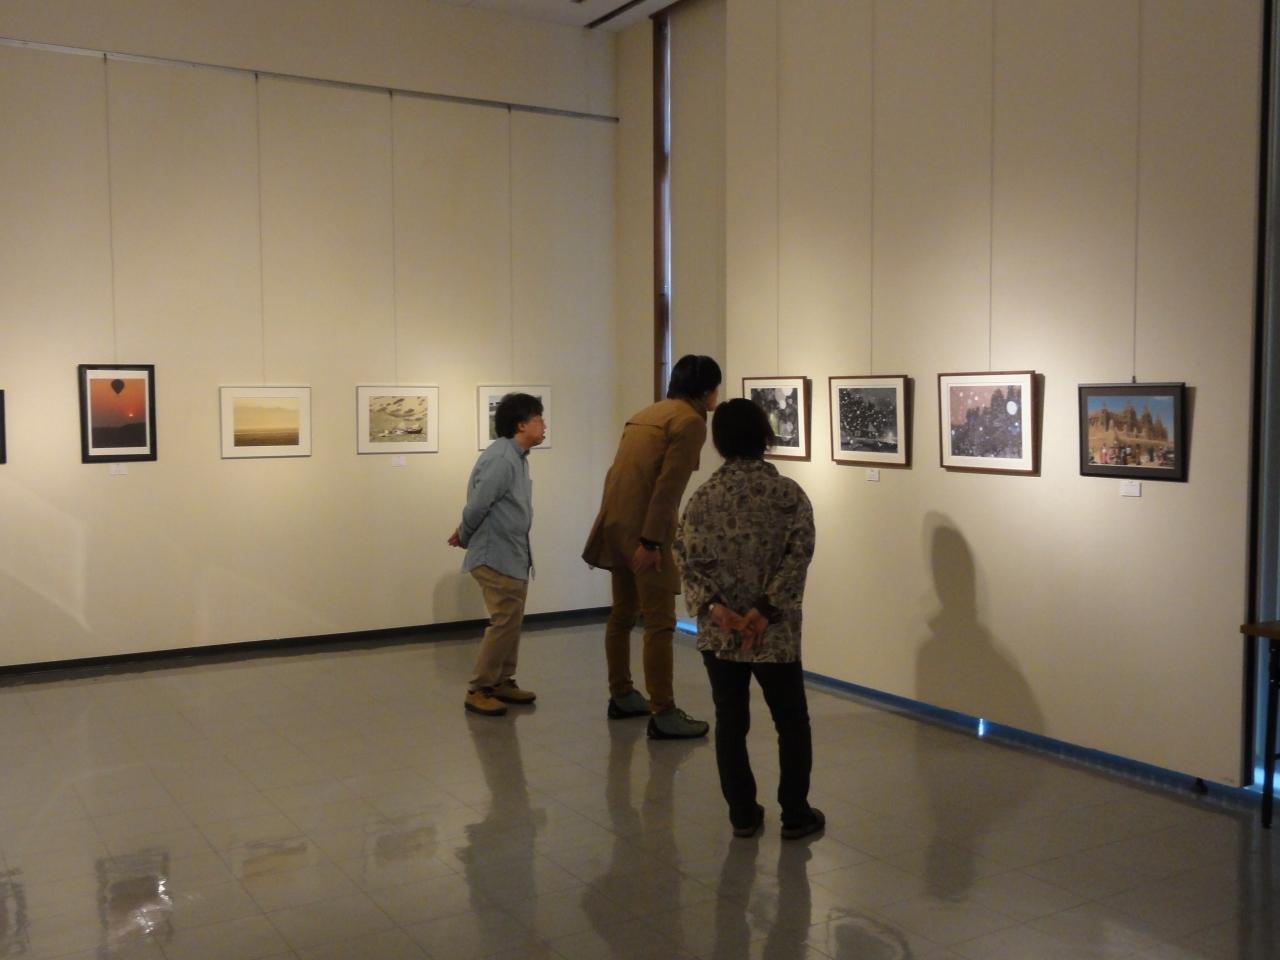 第11回 ゴミゼロ倶楽部写真展